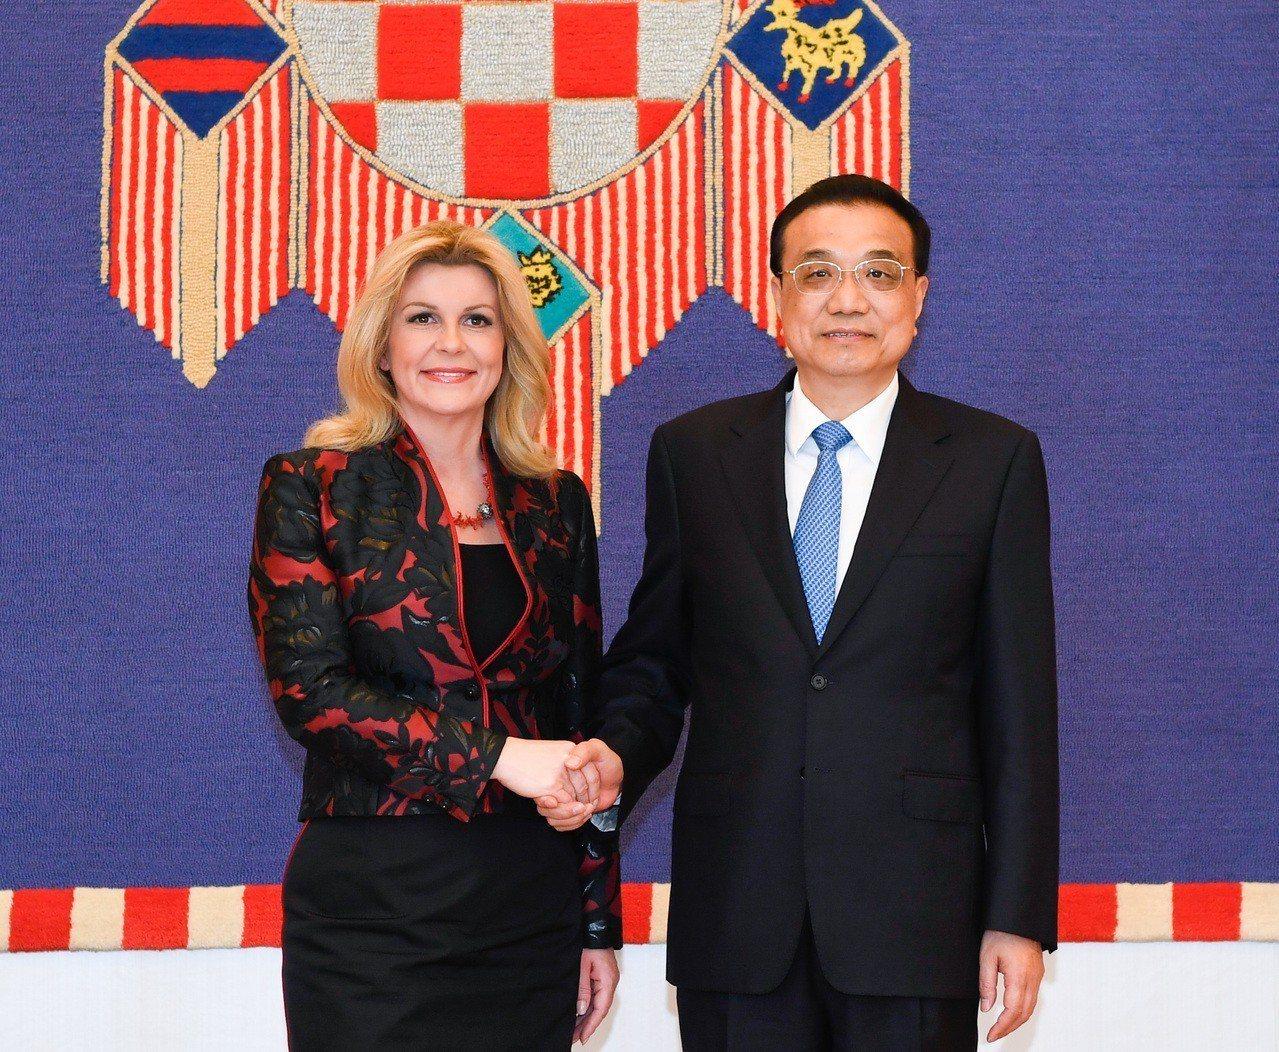 大陸總理李克強會見克羅埃西亞總統基塔羅維奇。(新華社)